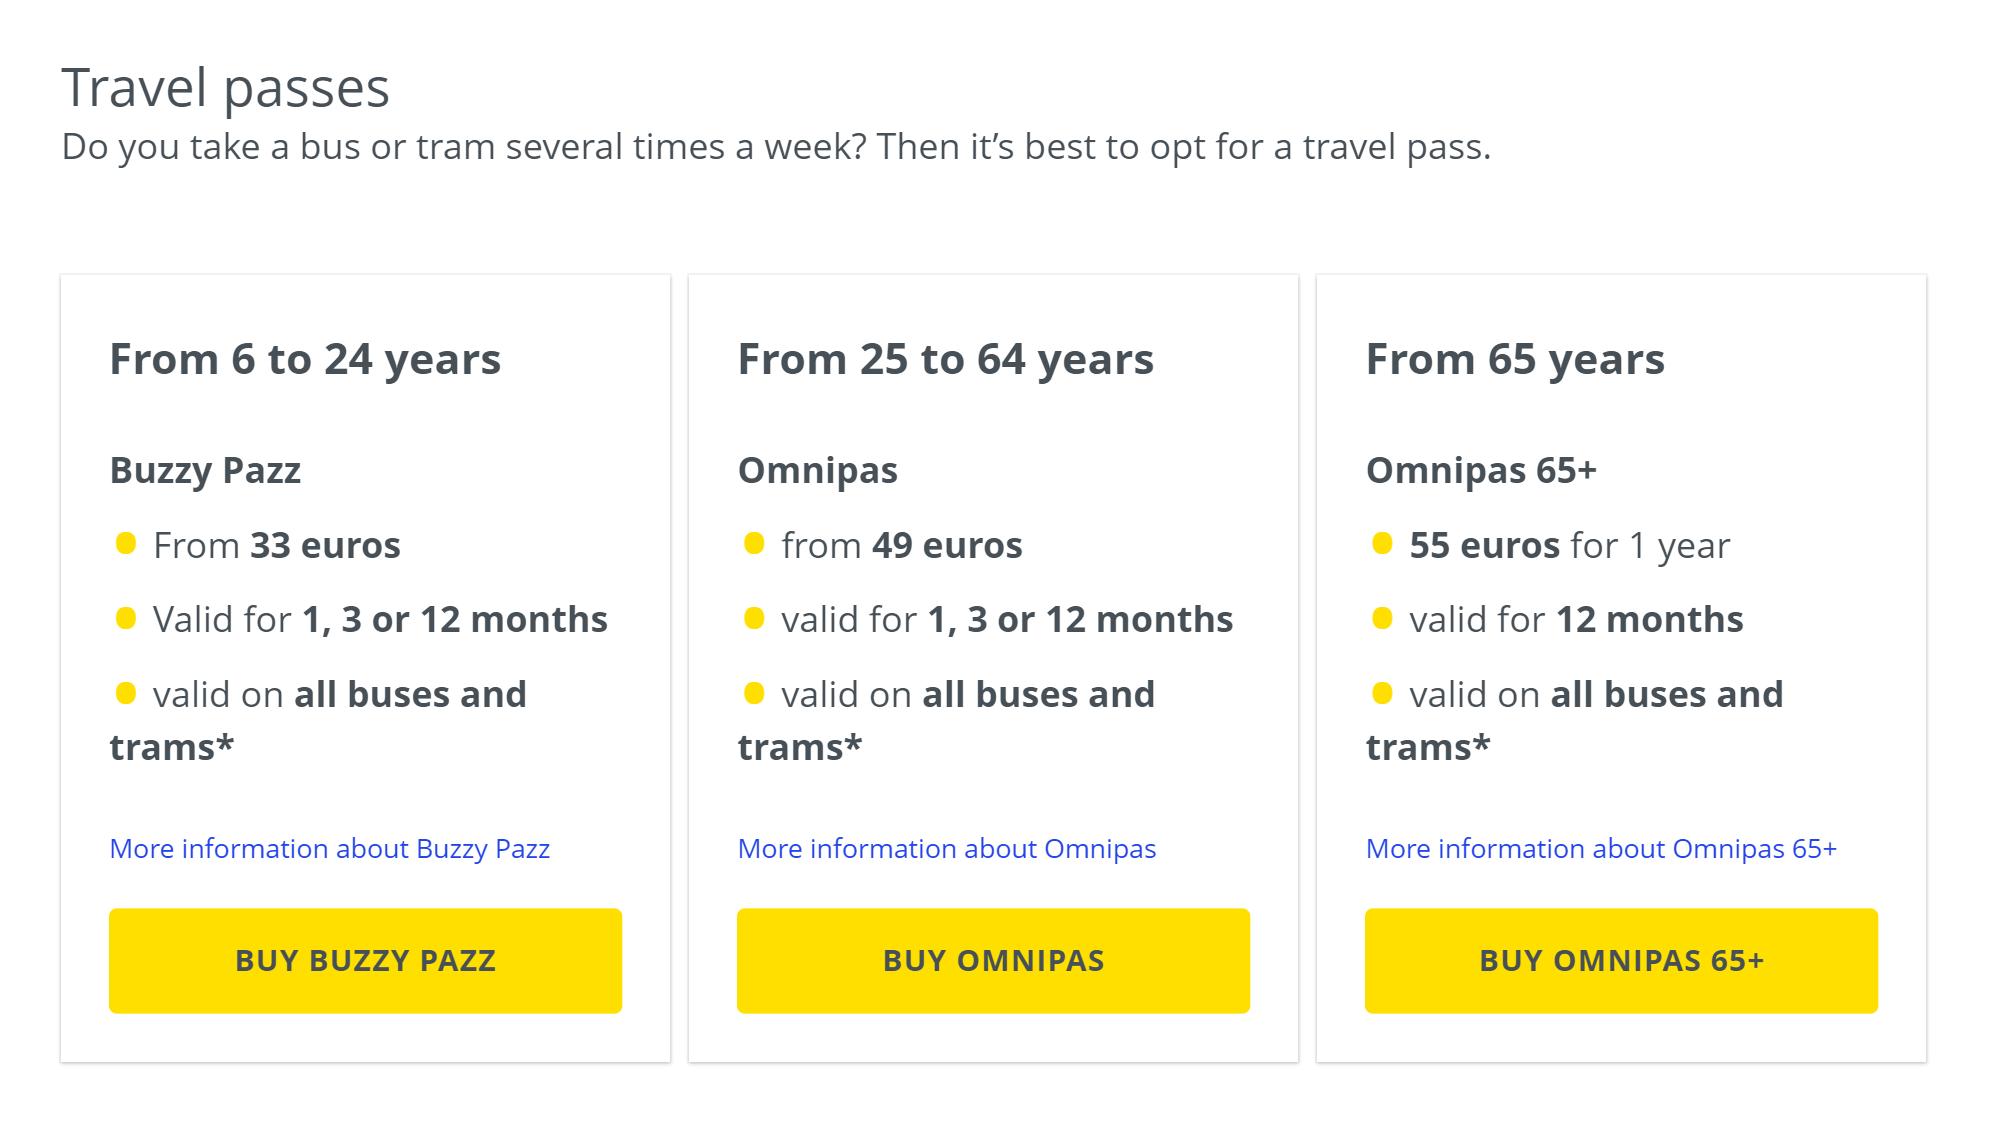 На сайте De Lijn цена на абонементы зависит от возраста покупателя. Для&nbsp;тех, кому 65 лет и больше, абонемент на год стоит всего 55€ (4303<span class=ruble>Р</span>)